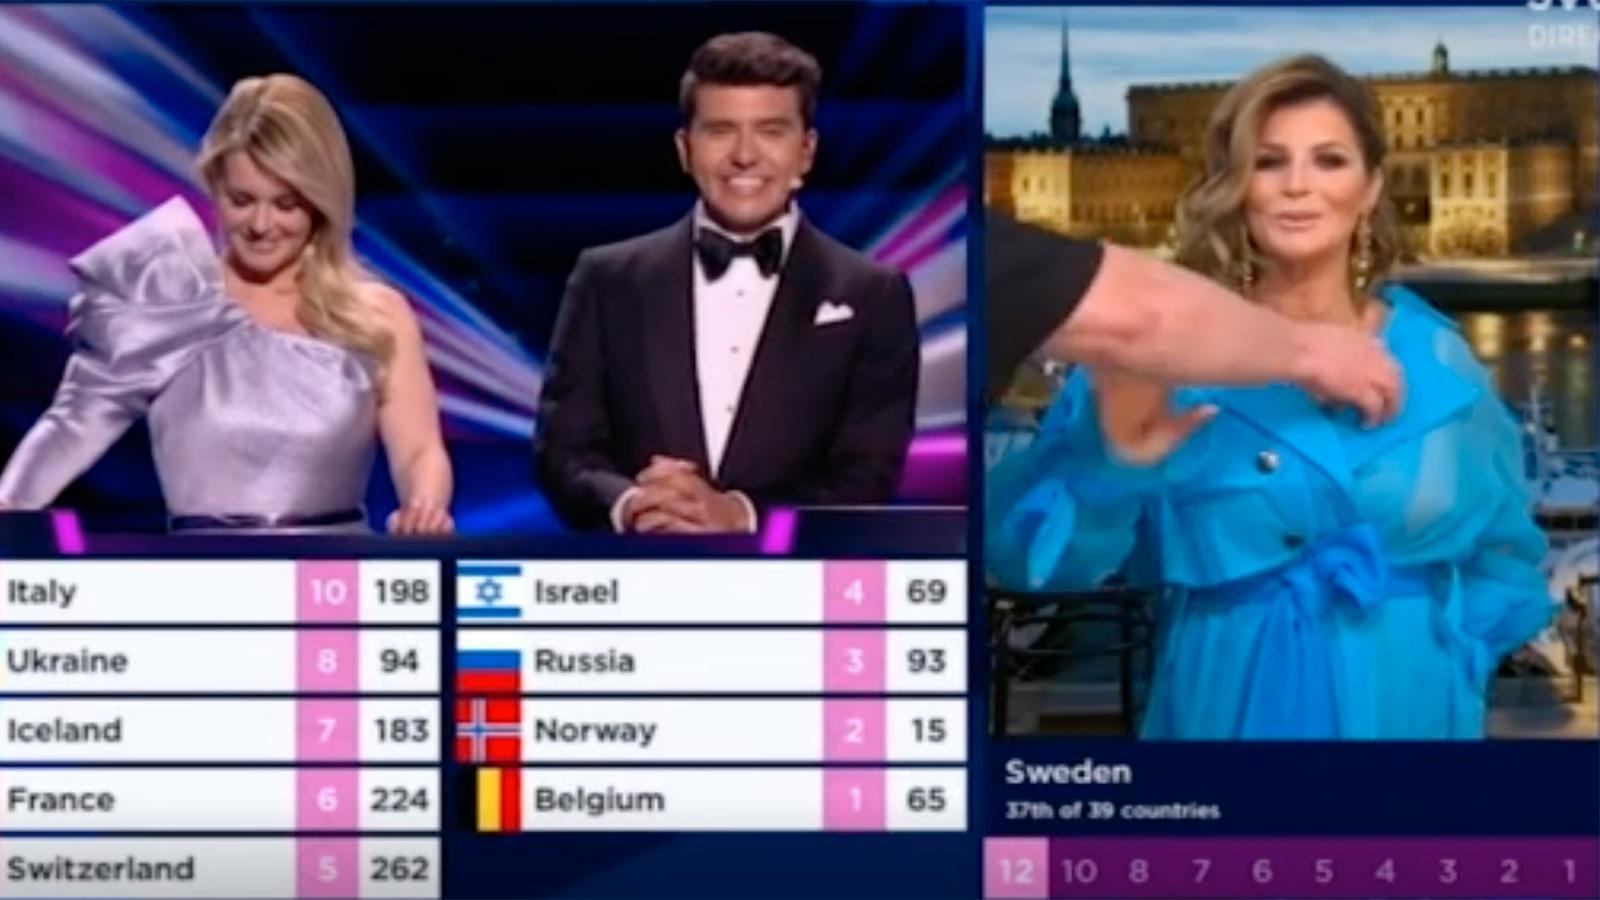 När Carola klipptes in i direktsändningen för att avlägga de svenska juryrösterna, stack en hand fram för att rätta till hennes utrustning.